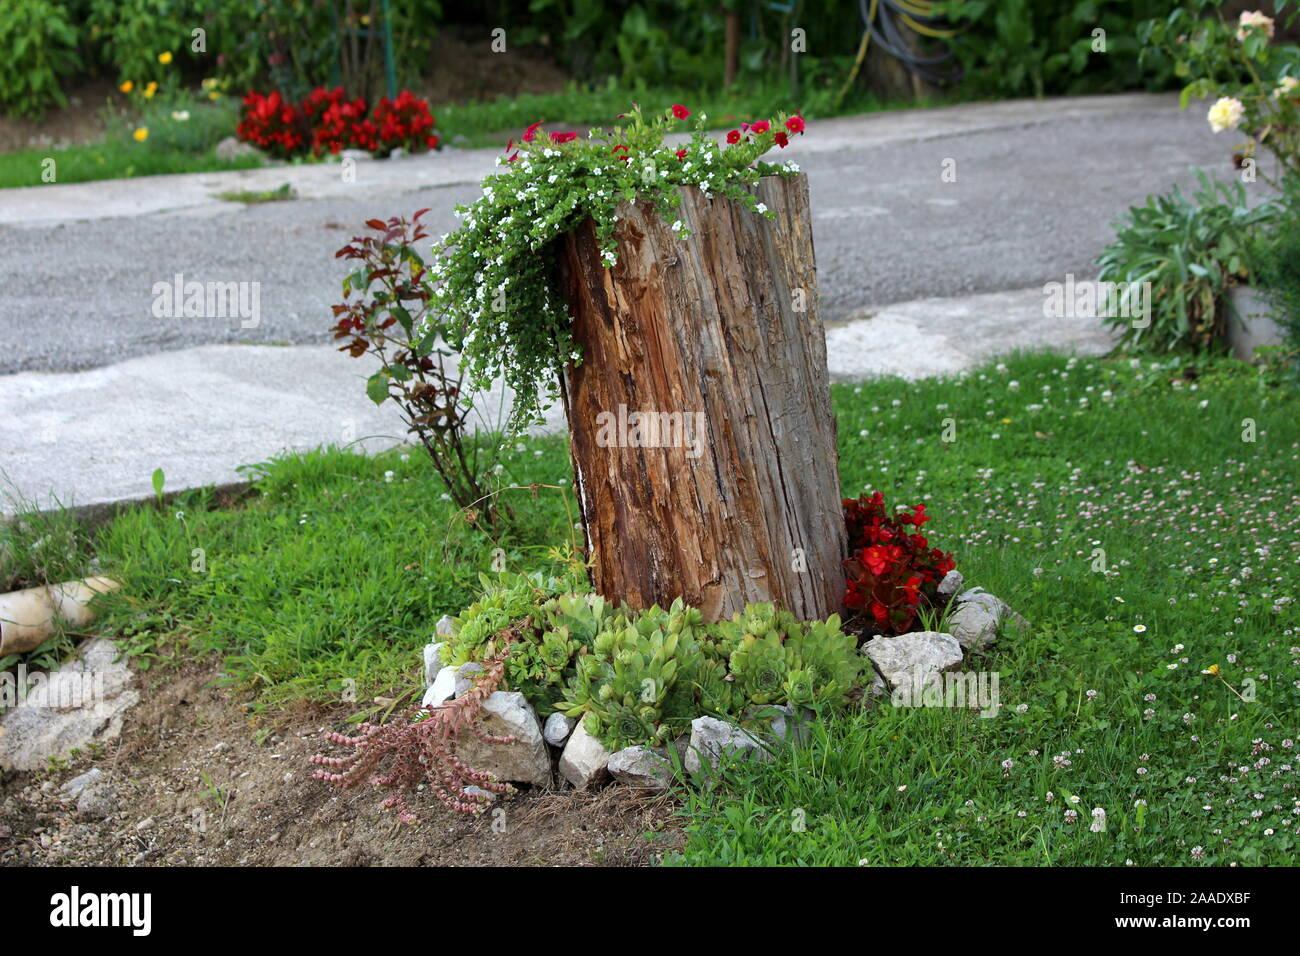 Piante Piccole Da Giardino ceppo di albero a sinistra come giardino decorazione